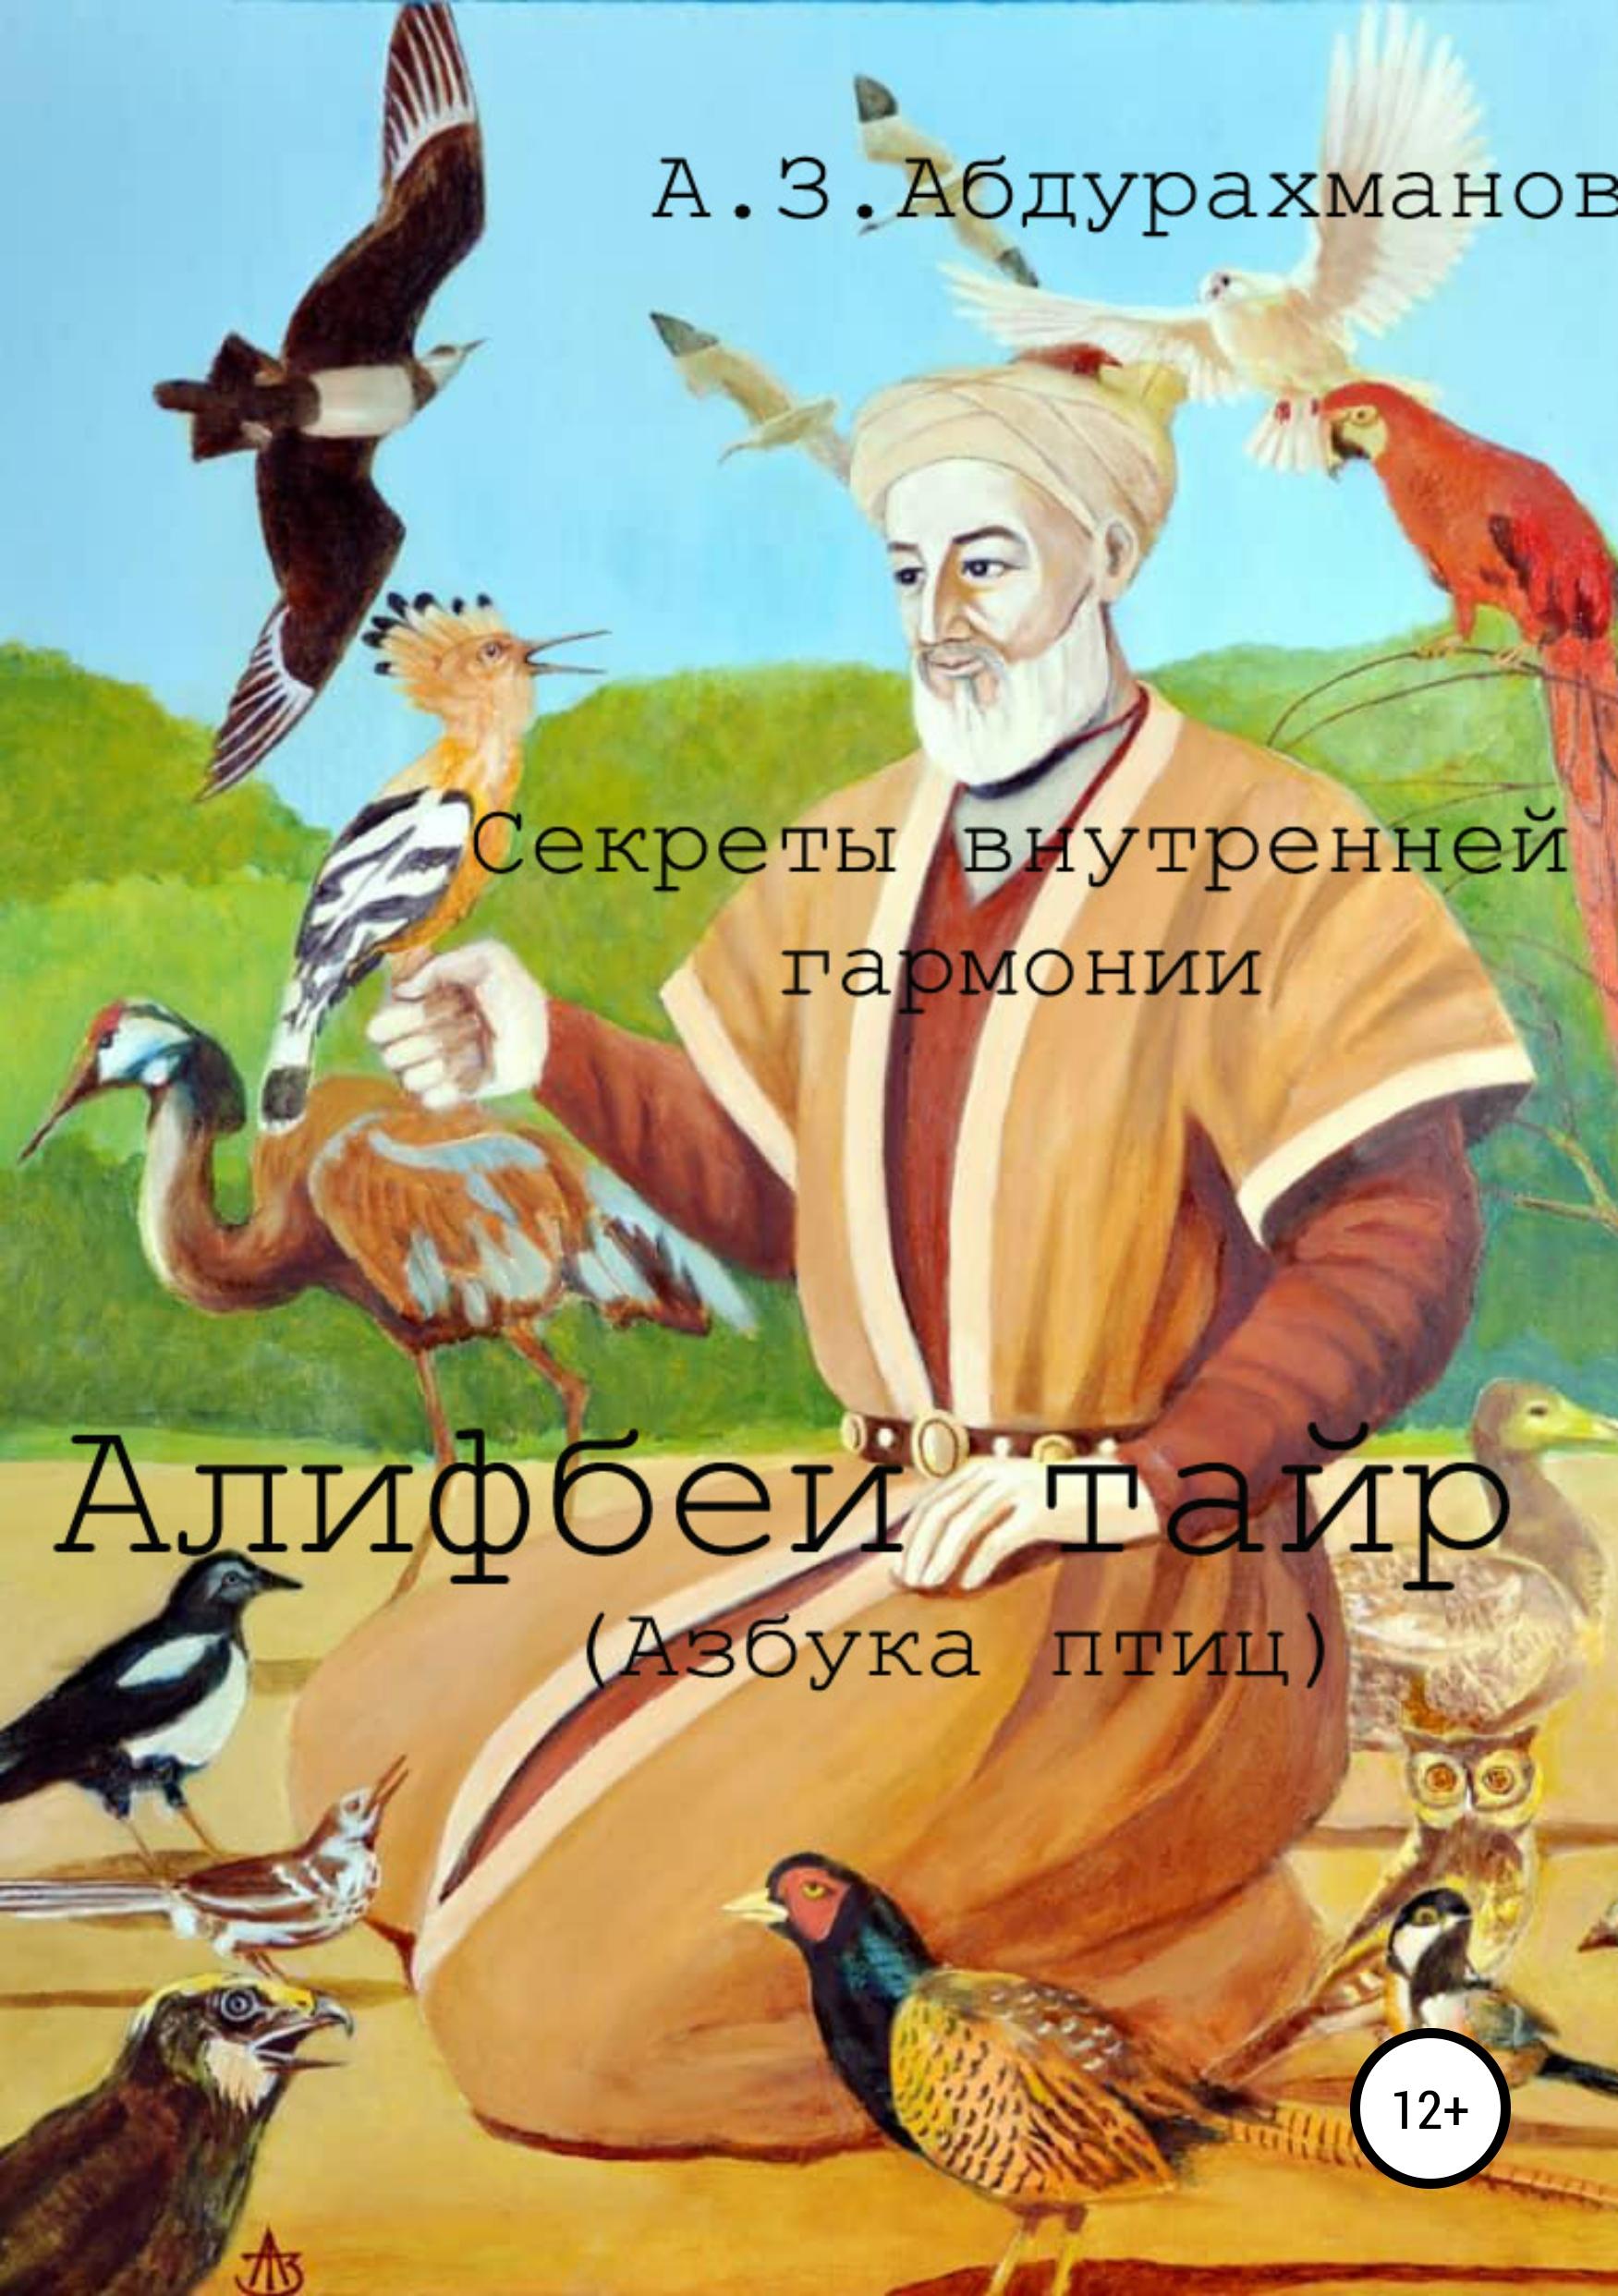 Алибек Закирович Абдурахманов Суфийские секреты внутренней гармонии «Алифбеи тайр» (Азбука птиц) язык птиц